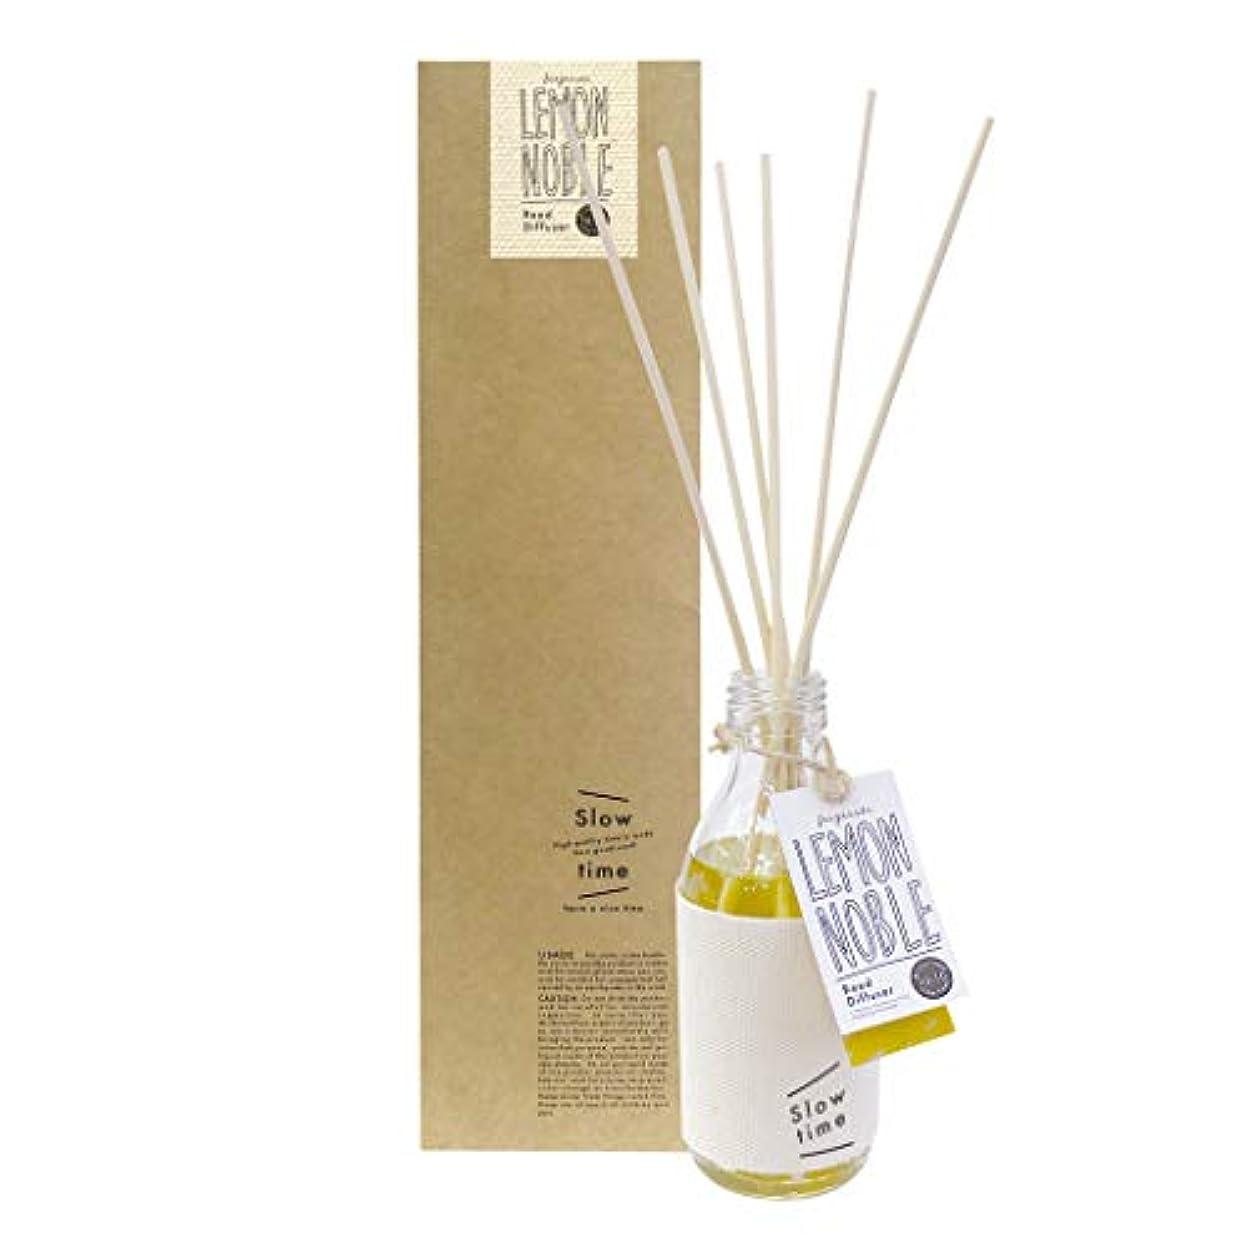 ステンレスサーキュレーションカブノルコーポレーション リードディフューザー スロータイム レモンノーブル 柑橘とスパイスの香り 150ml SWT-1-01